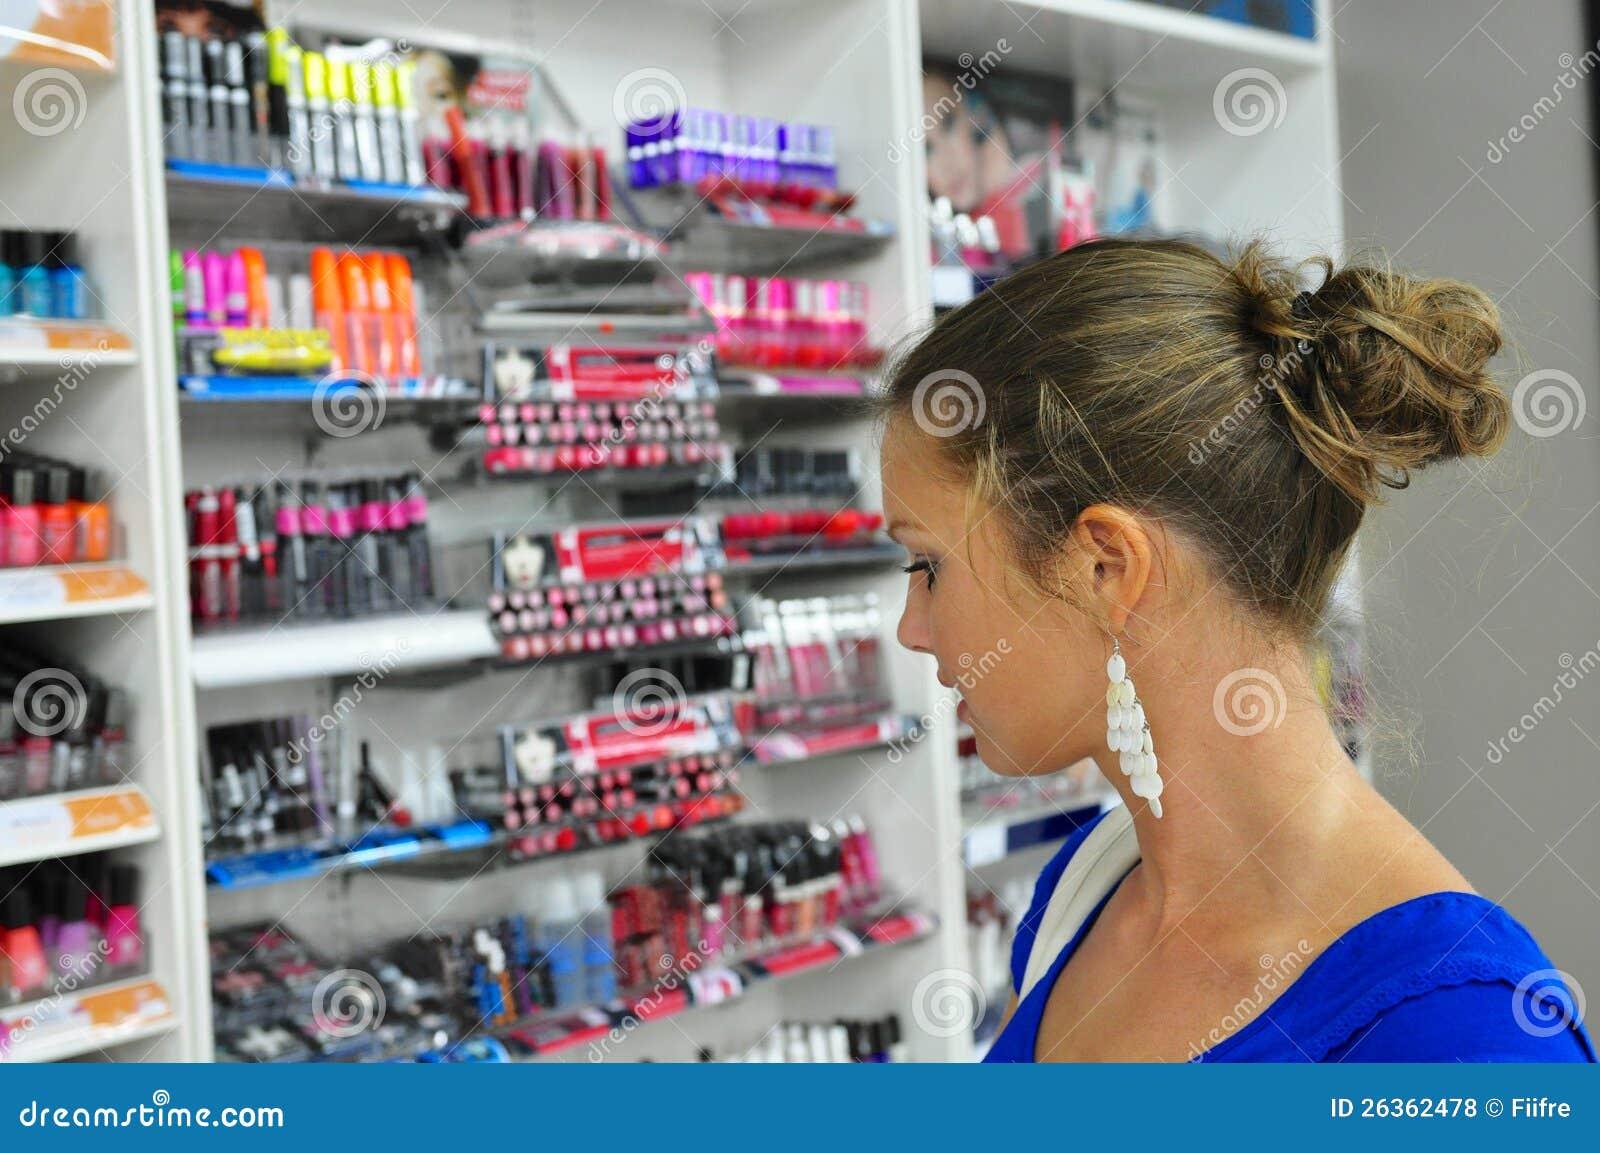 Escolhendo cosméticos